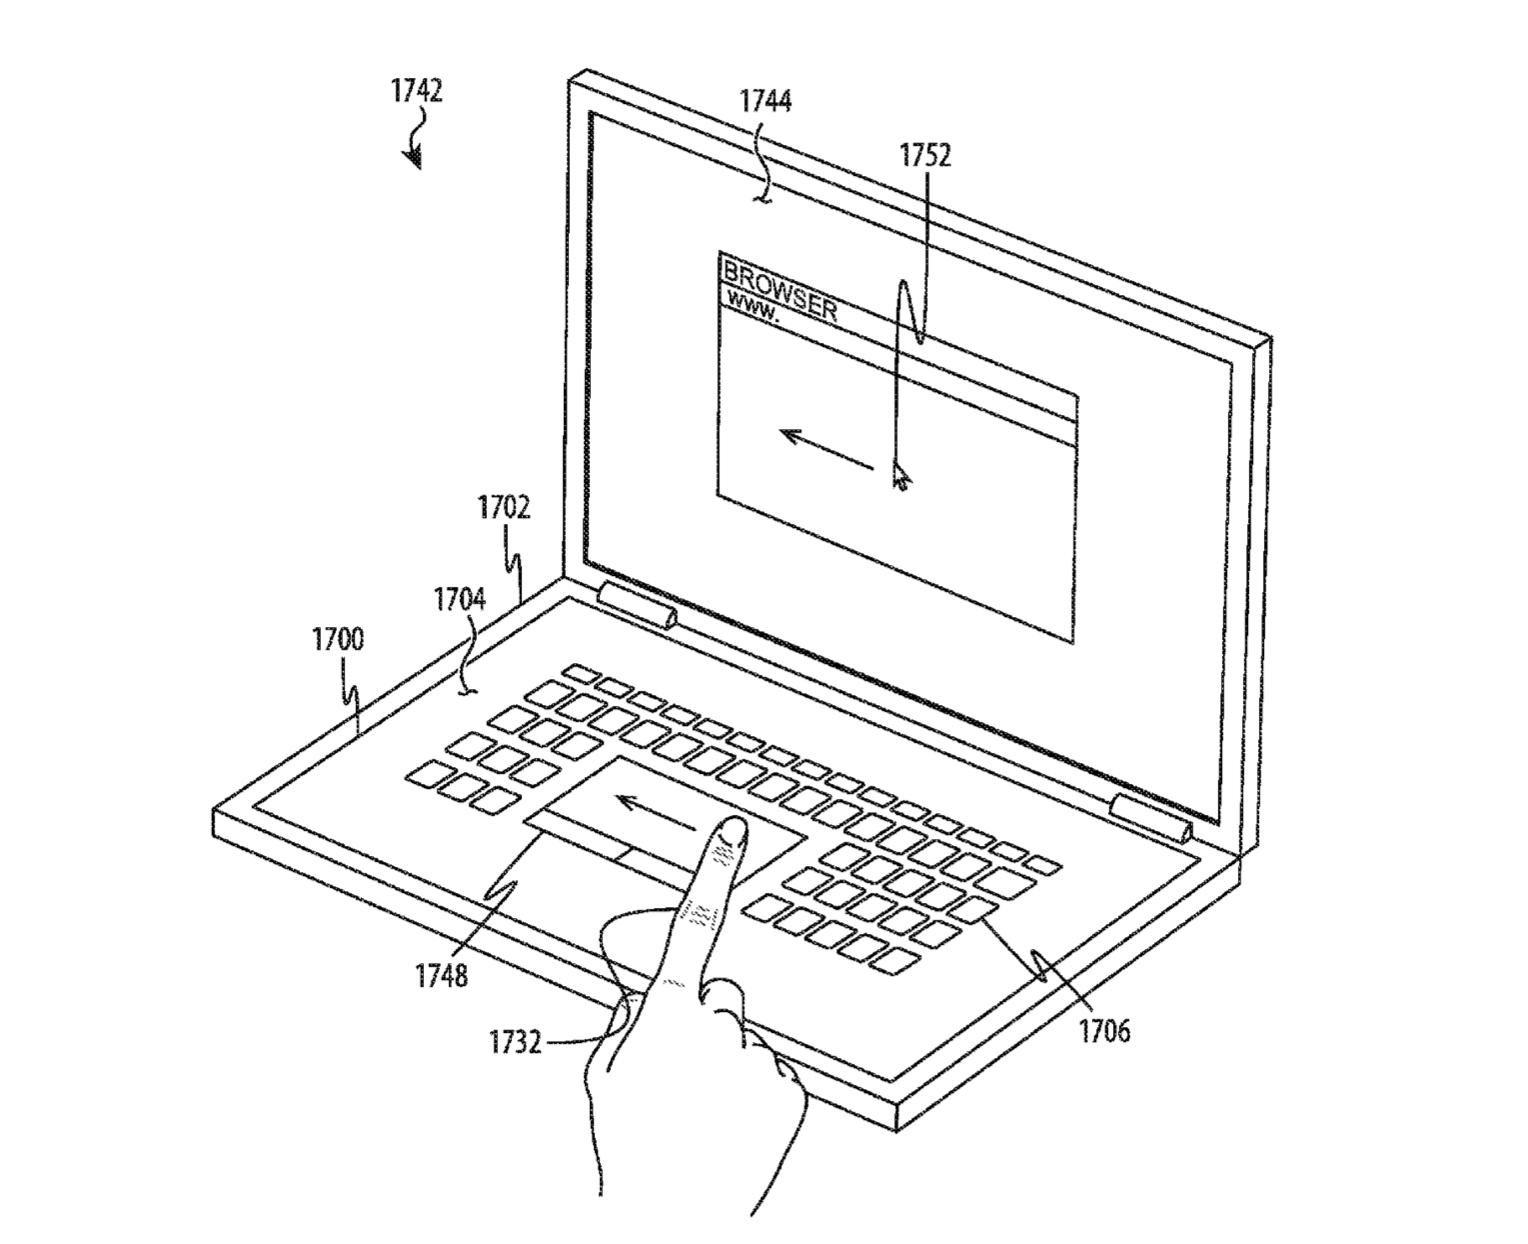 Tastenloses Keyboard Sieht So Zukunft Des Macbook Aus